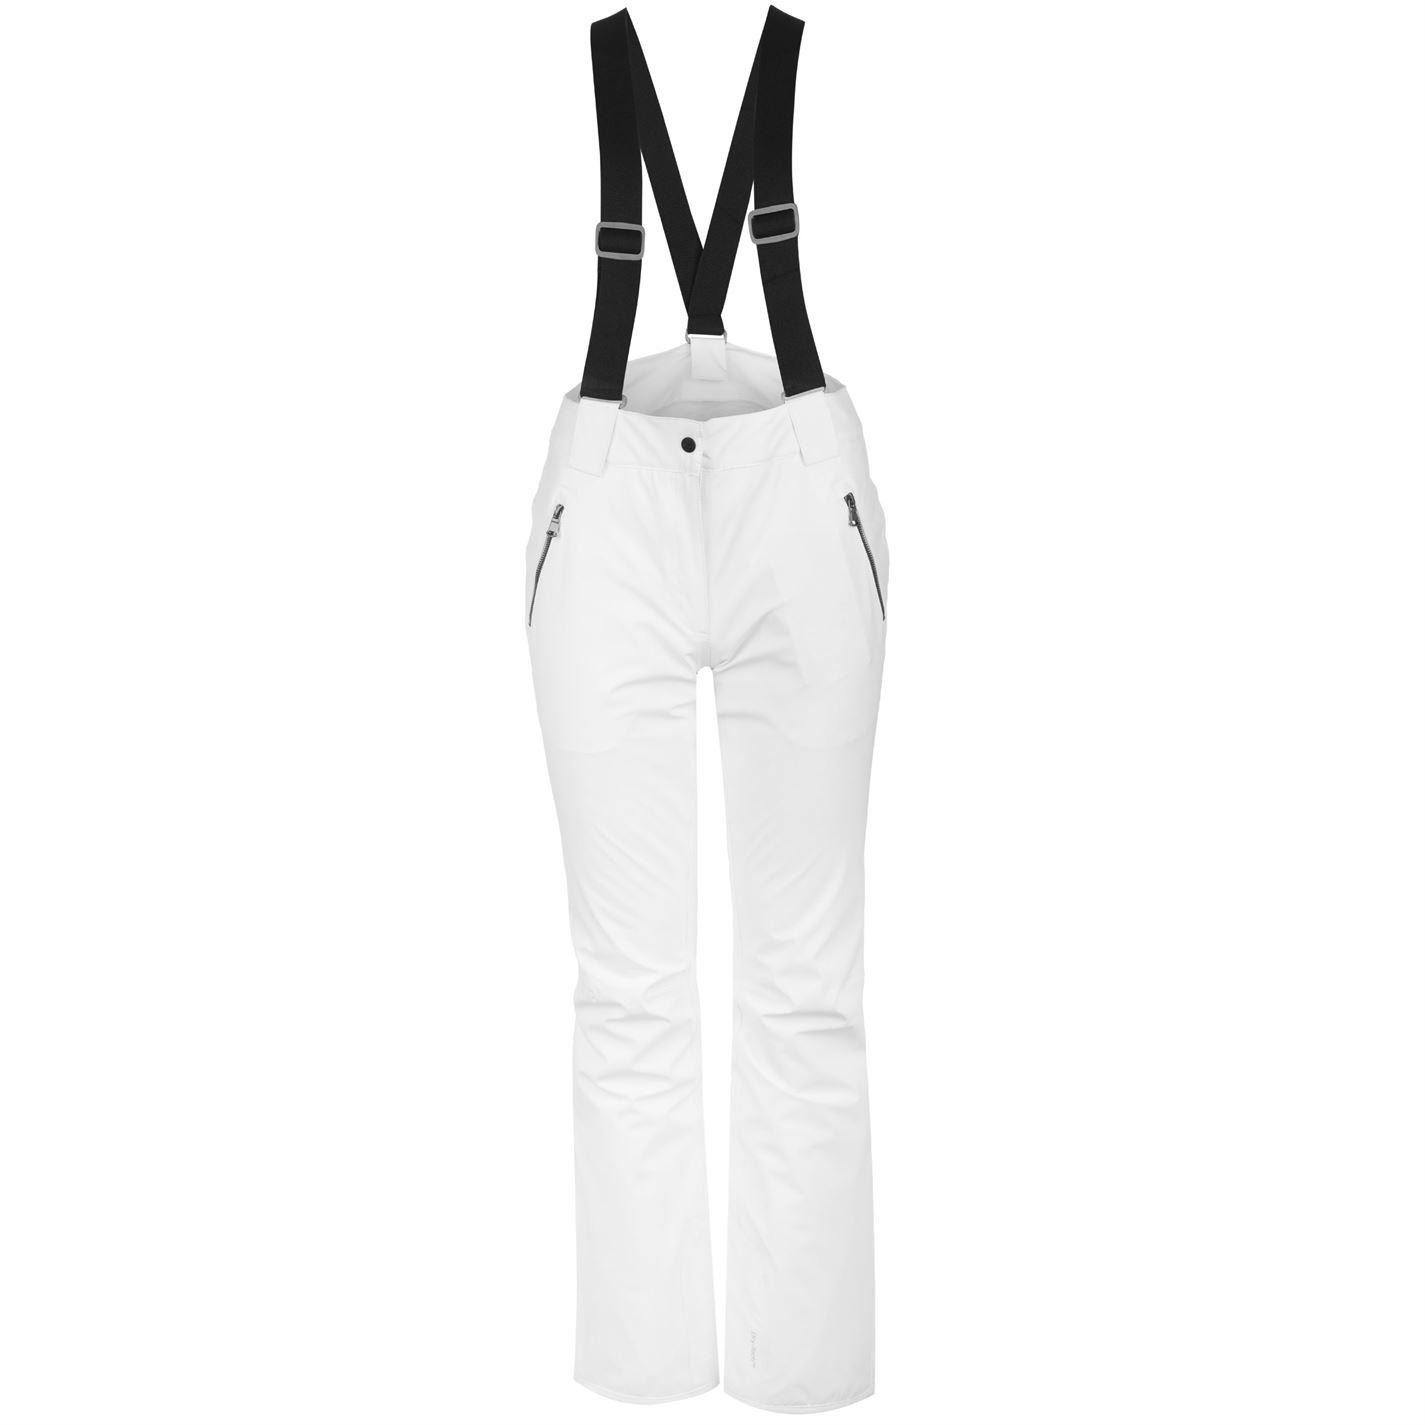 236921d0085b Lyžiarske nohavice Nevica Aspen Ski Pants Ladies - Glami.sk